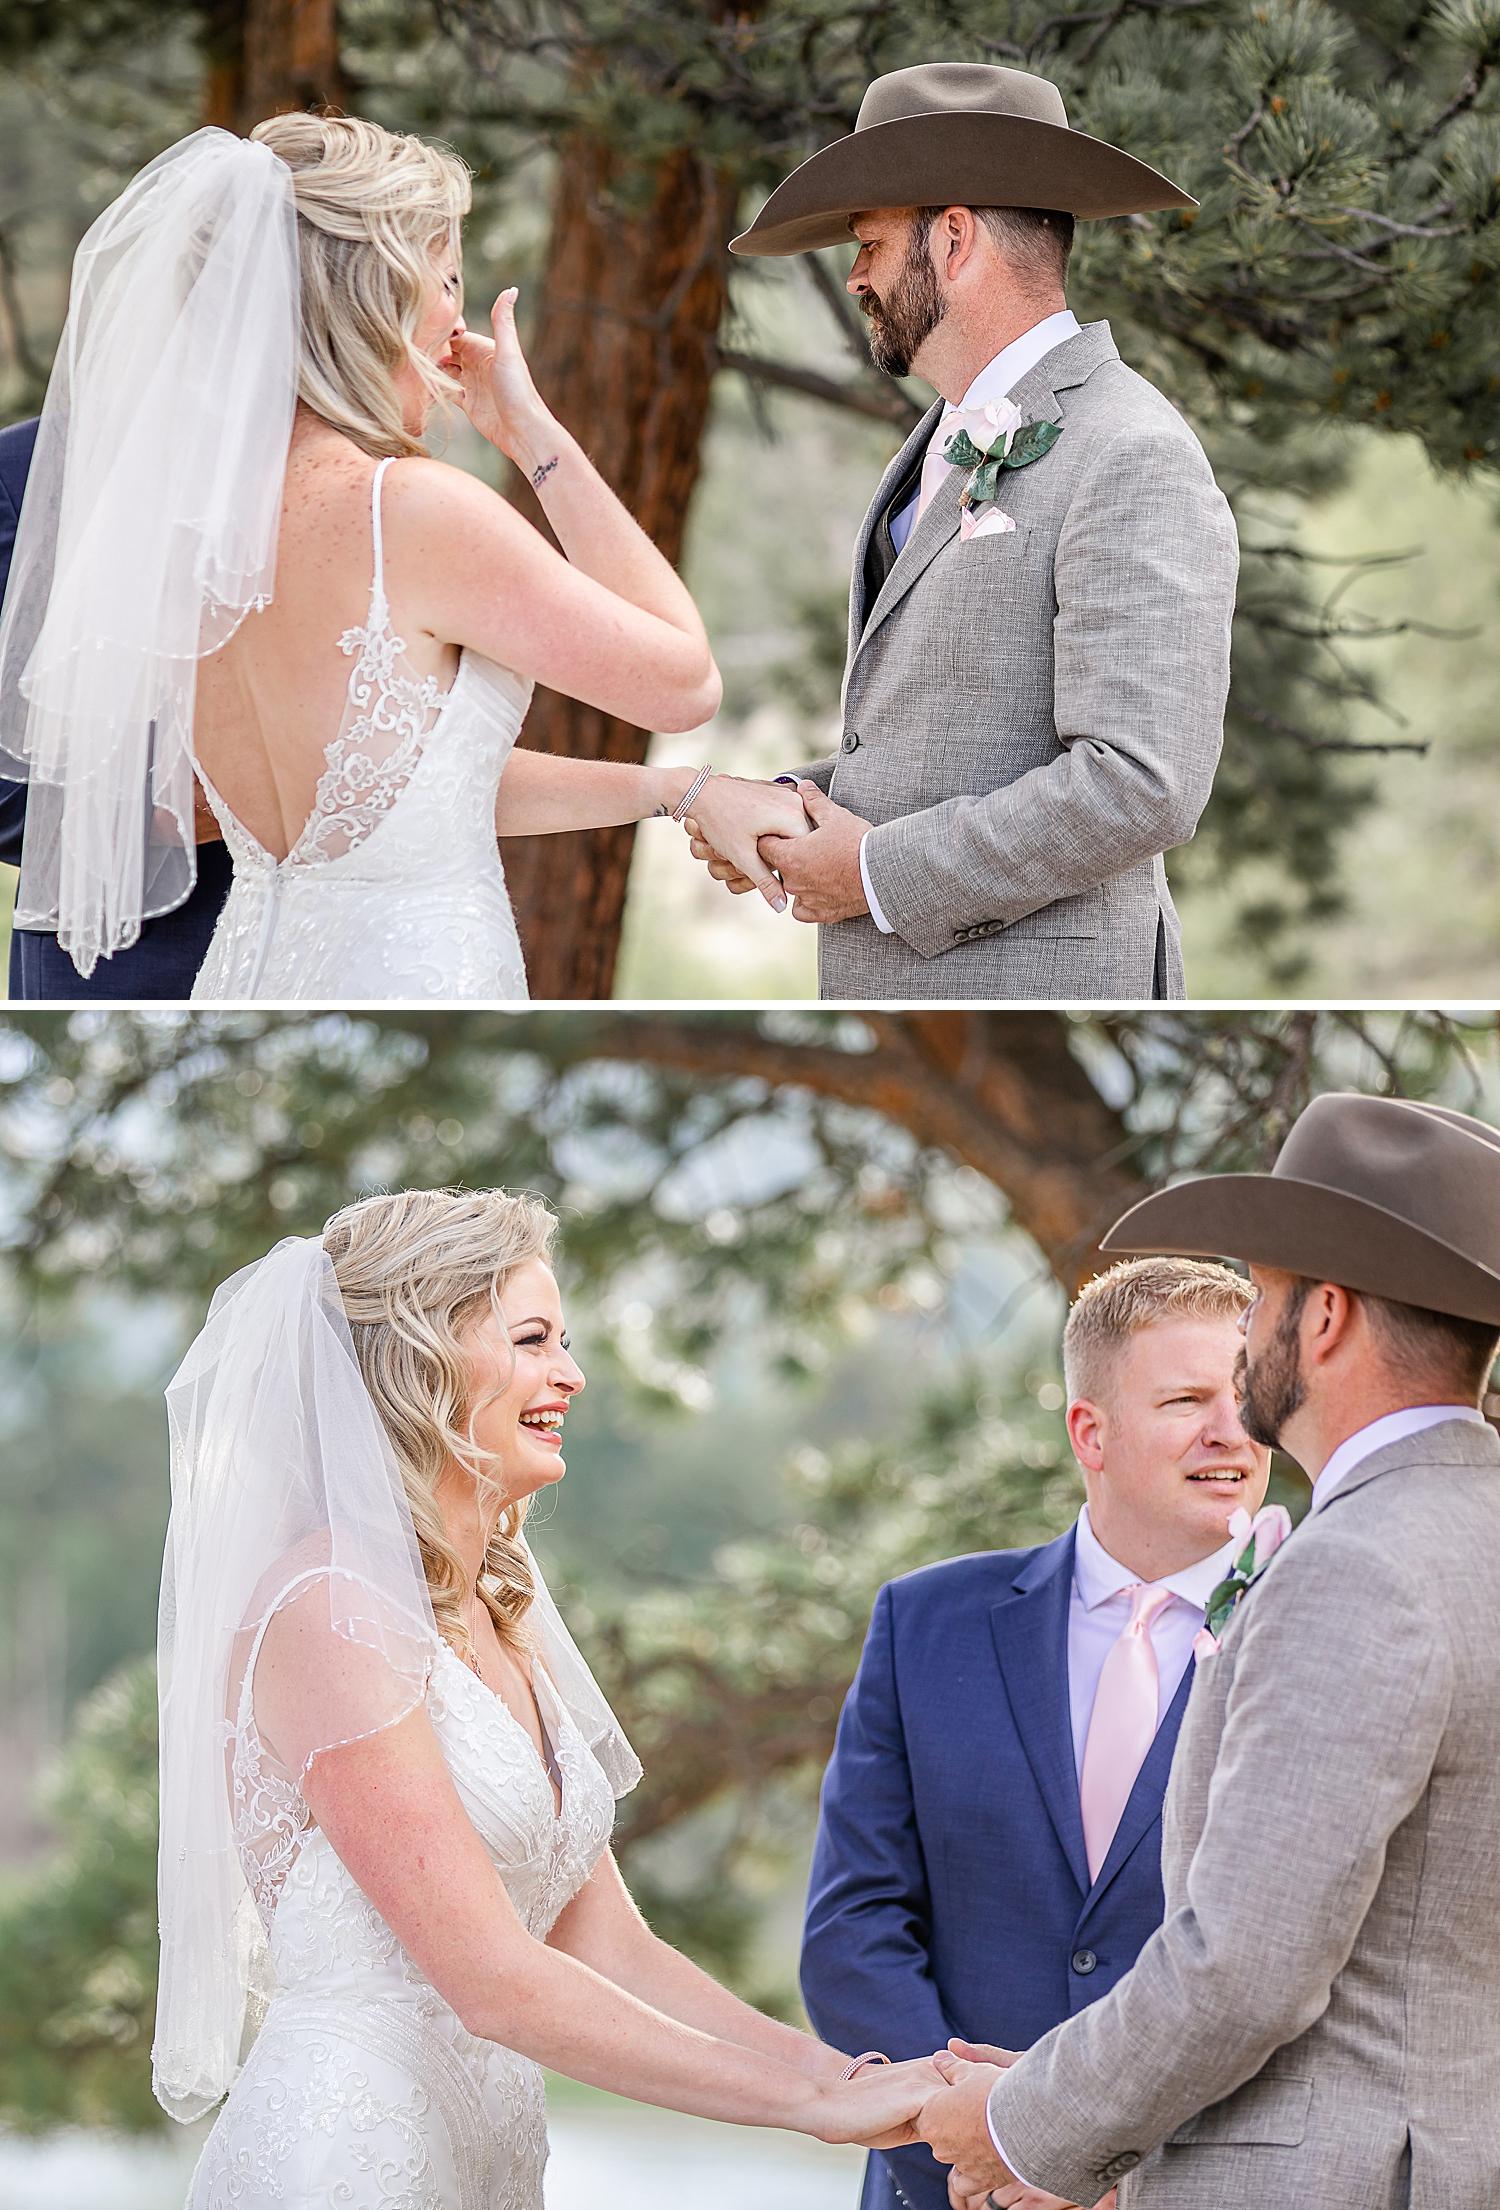 Carly-Barton-Photography-Rocky-Mountain-National-Park-Estes-Park-Wedding-Elopement_0085.jpg